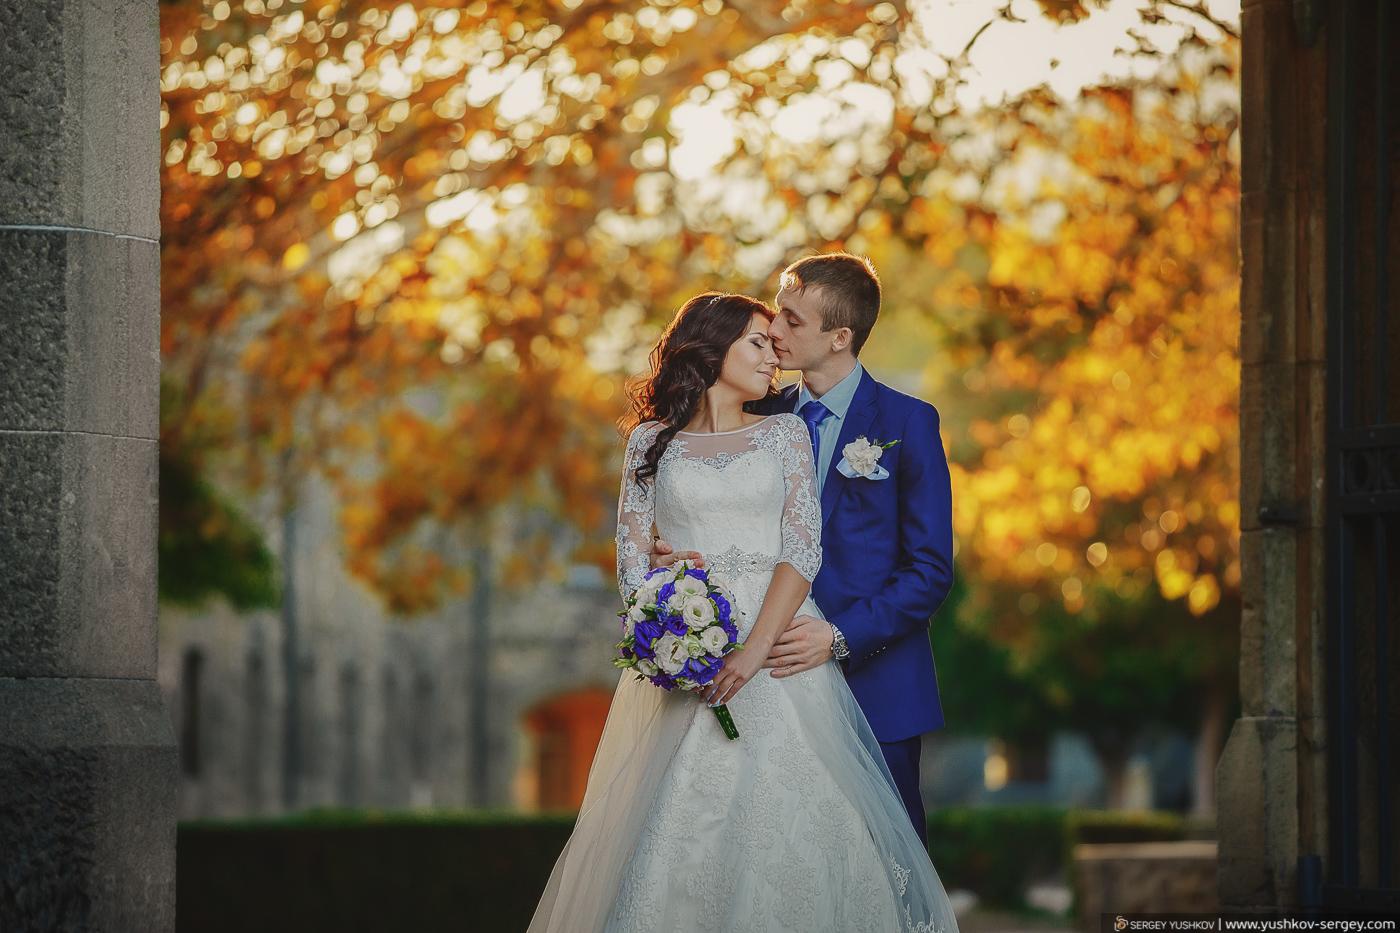 Воронцовский парк фото свадьбы